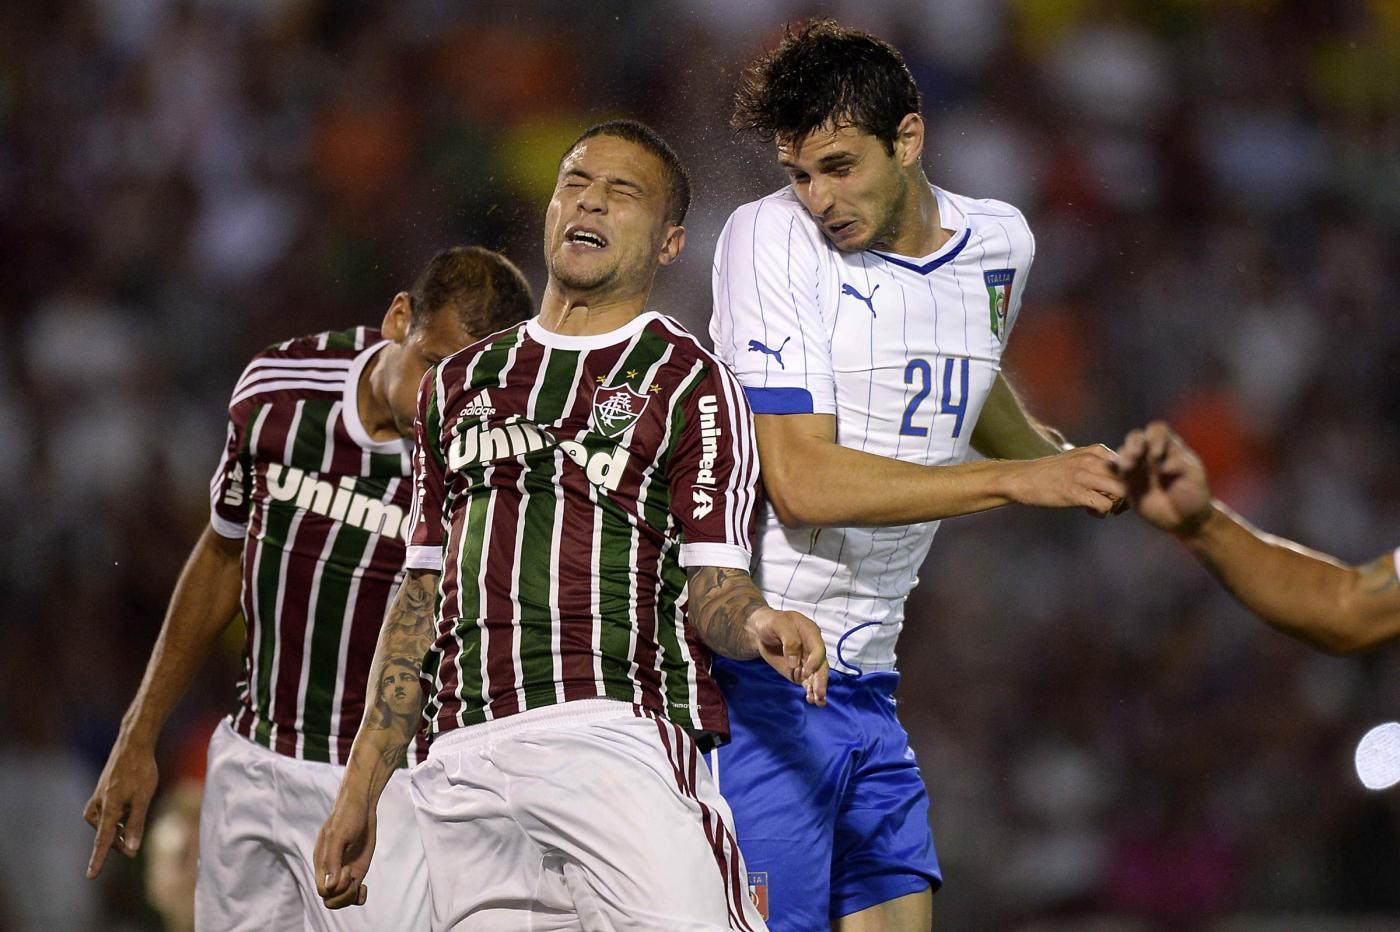 Italia vs Fluminense 5-3: ancora problemi con la difesa